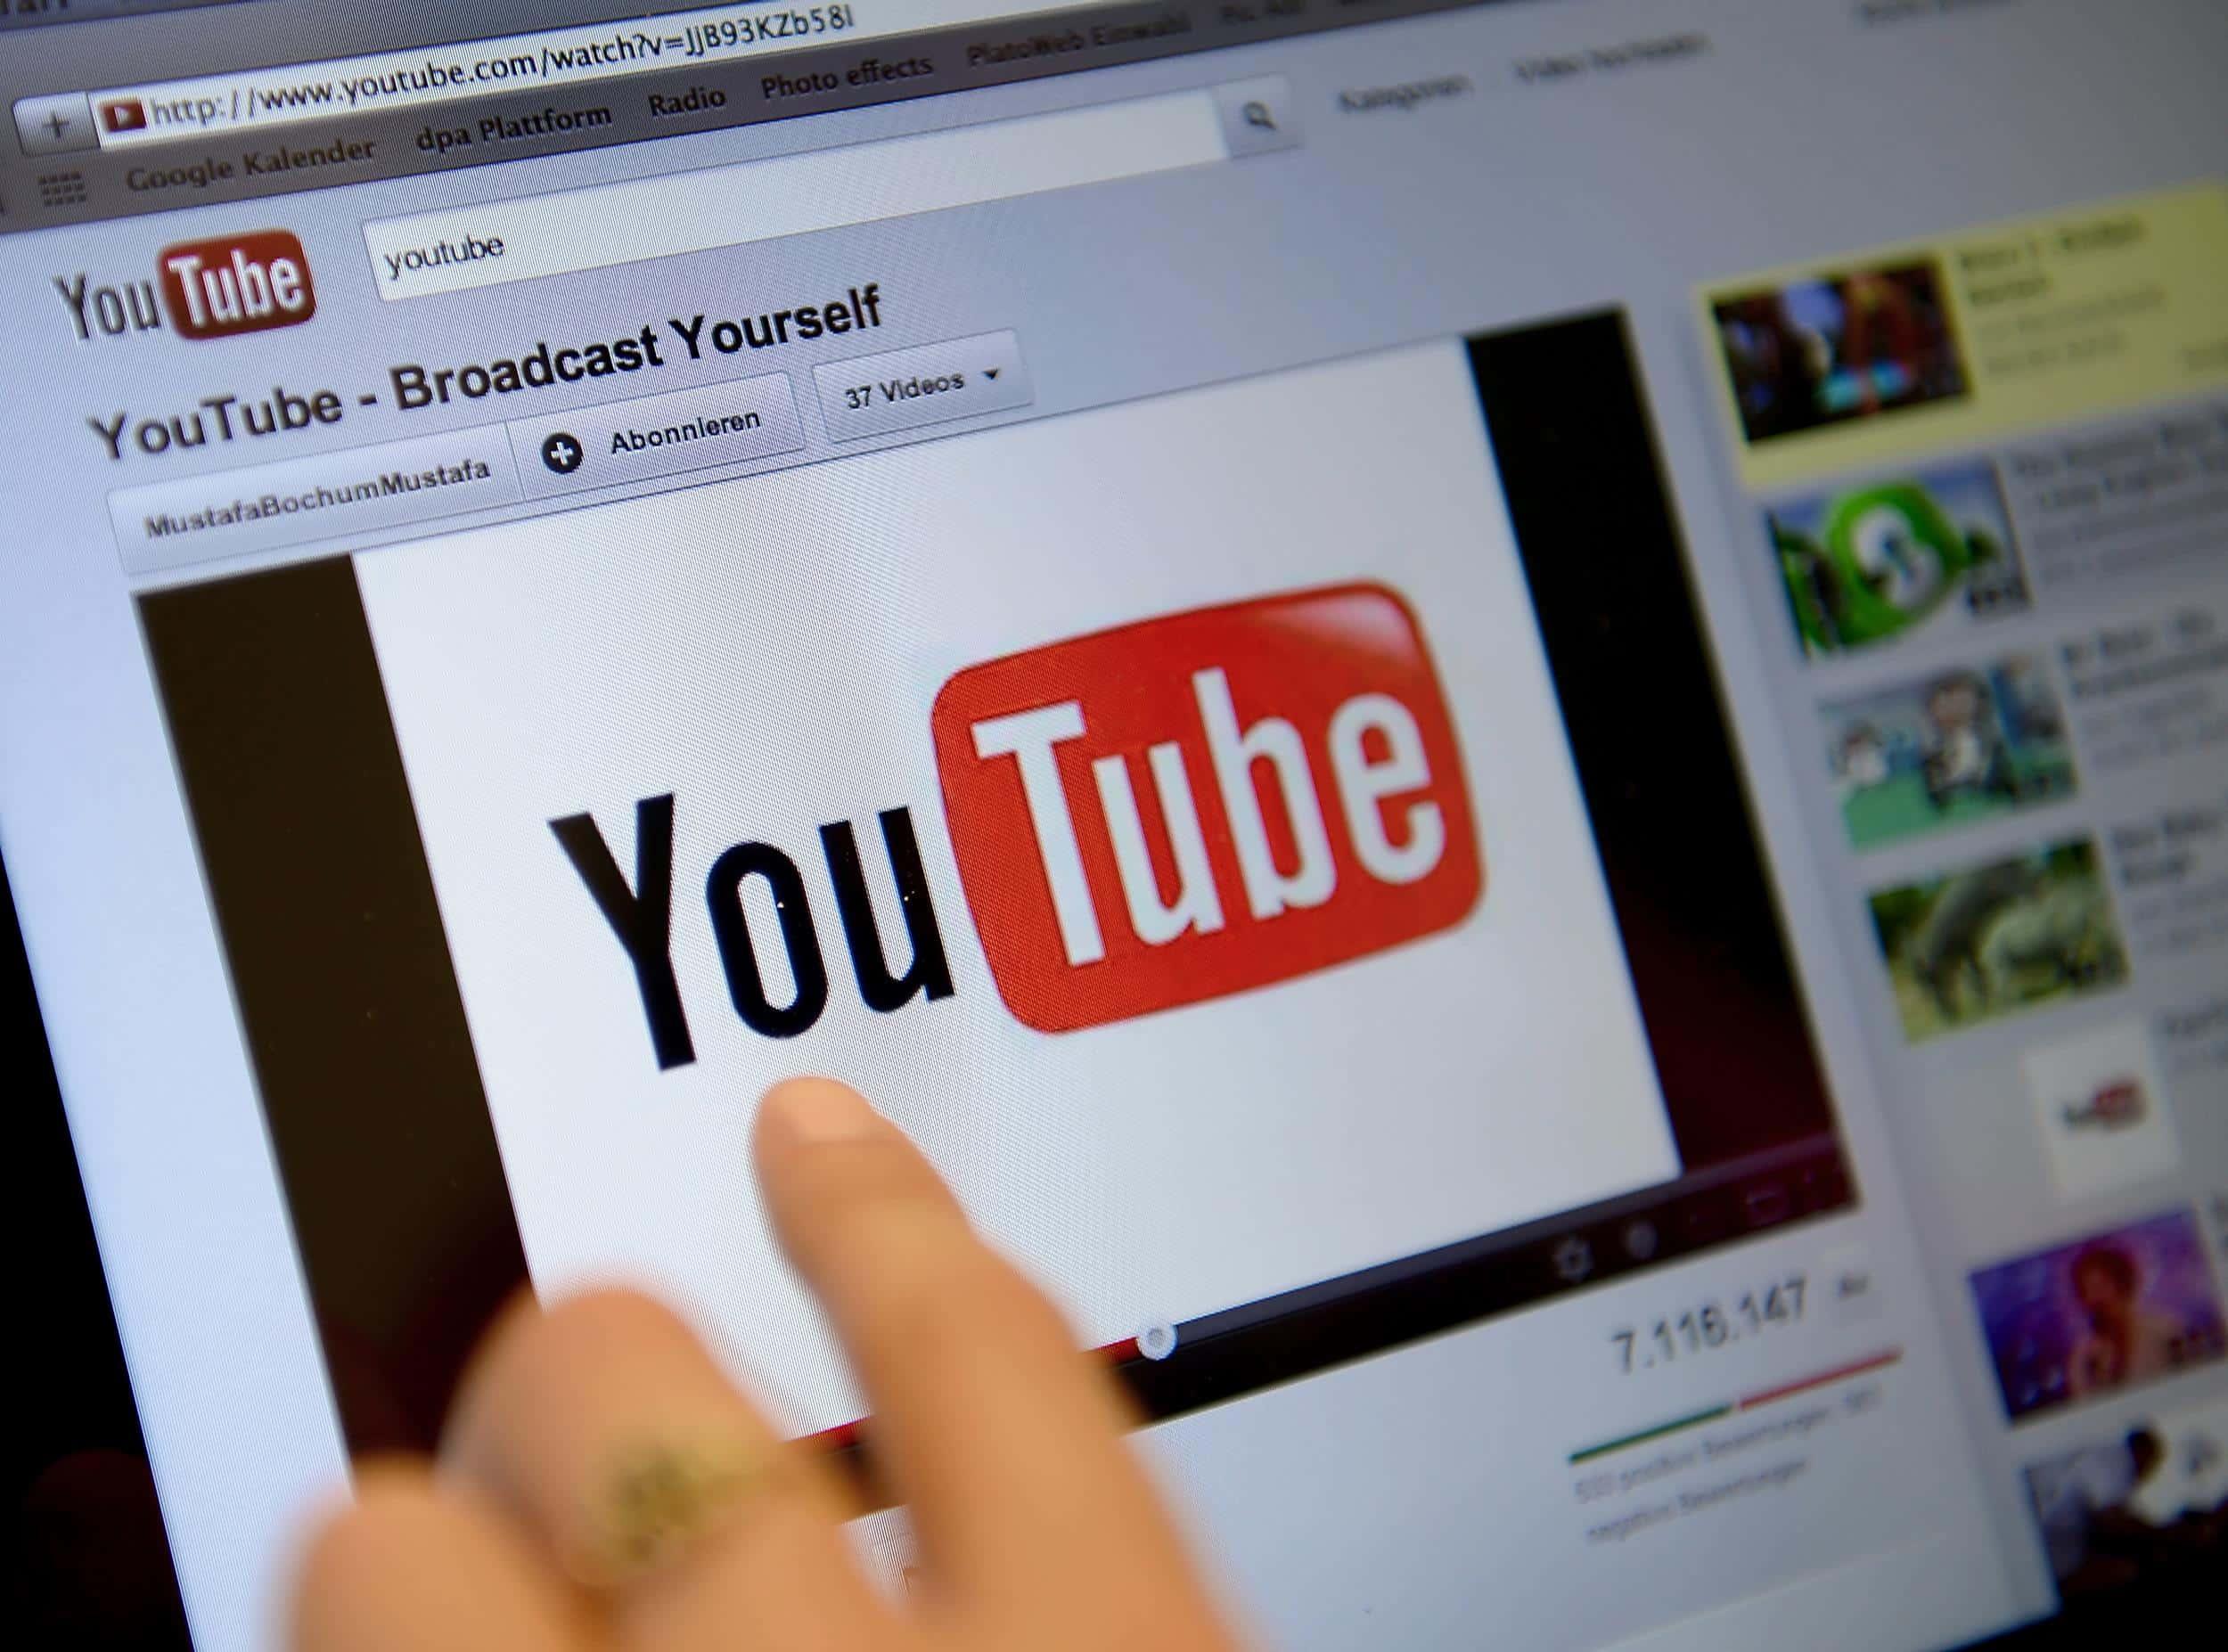 Luego de llegar a un acuerdo con grandes sellos e independientes como Merlin, YouTube estaría listo para su servicio de suscripción.